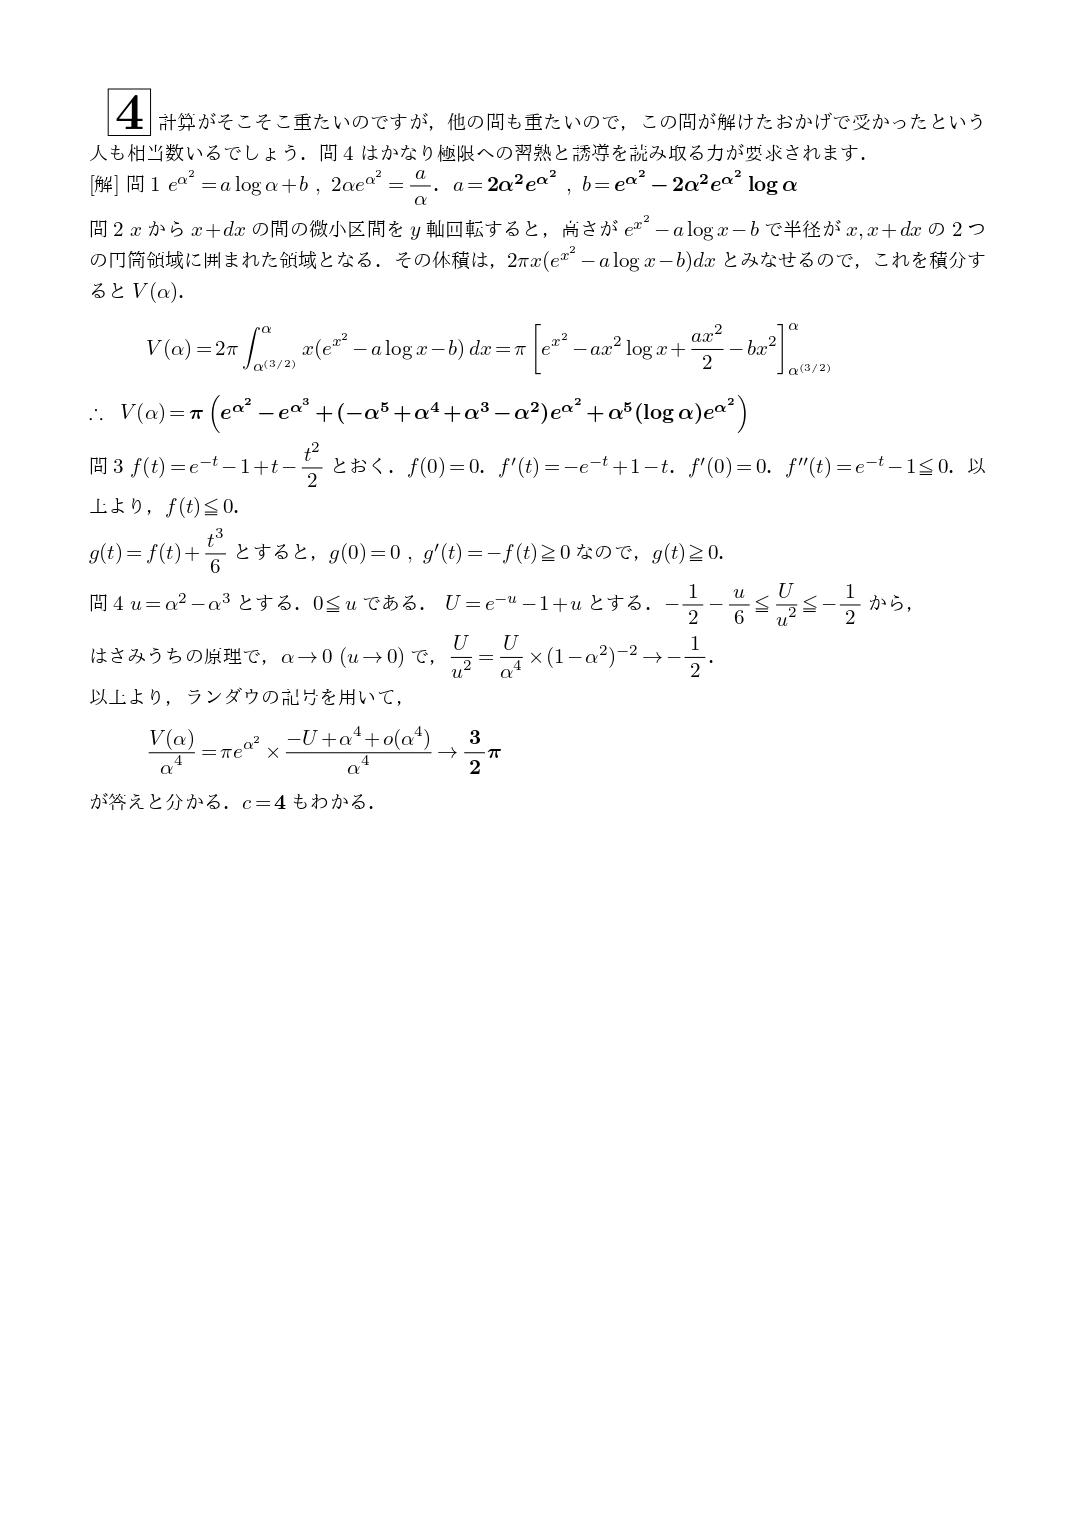 2021年2月1日 日本医科大学前期(数学) 解答速報